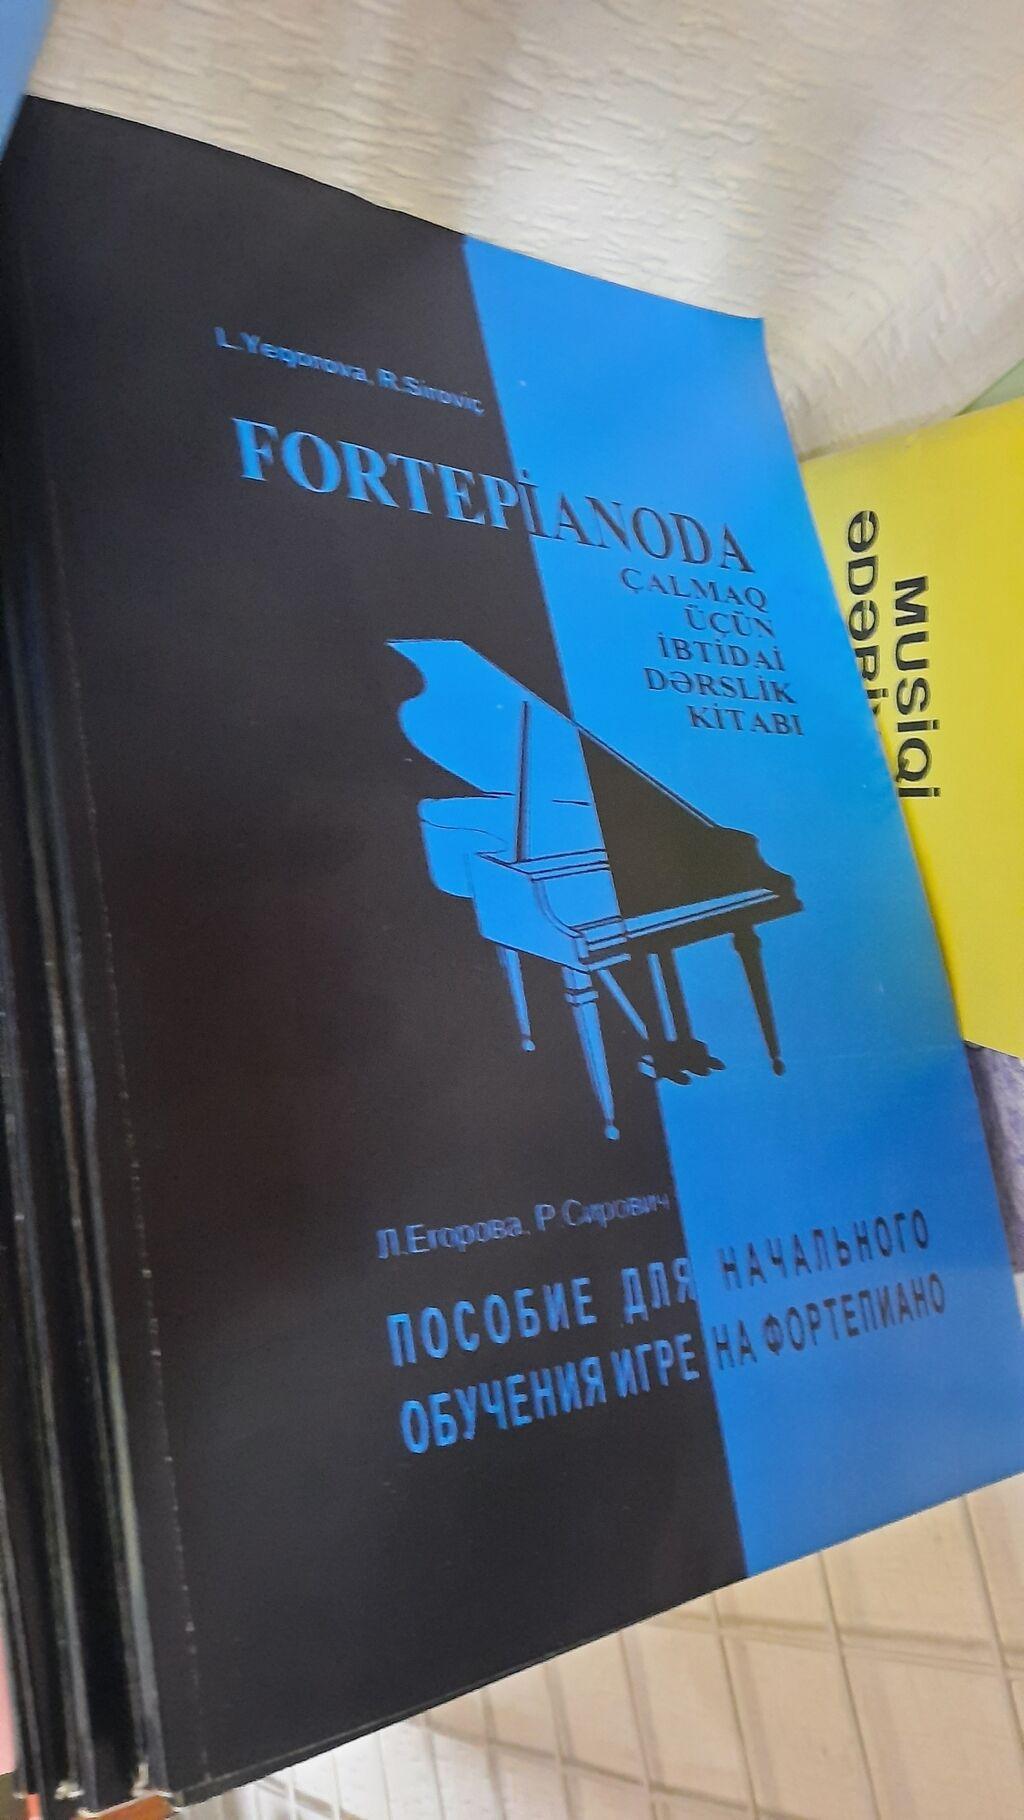 Piano kitablari: Piano kitablari